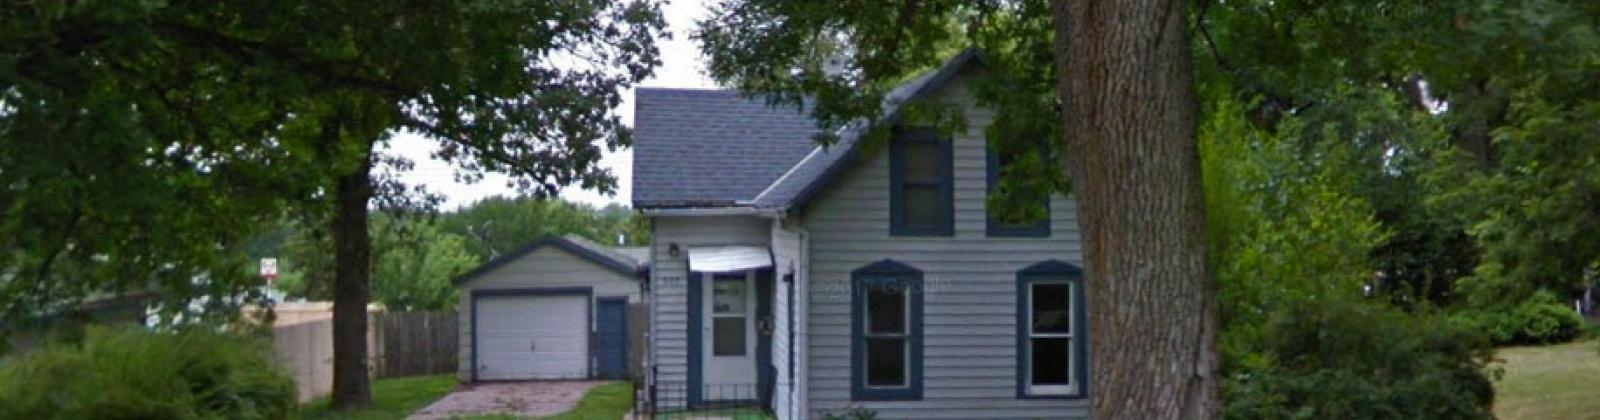 507 Allen St,Firth,NE,68358,3 Bedrooms Bedrooms,1 BathroomBathrooms,House,507 Allen St,1011